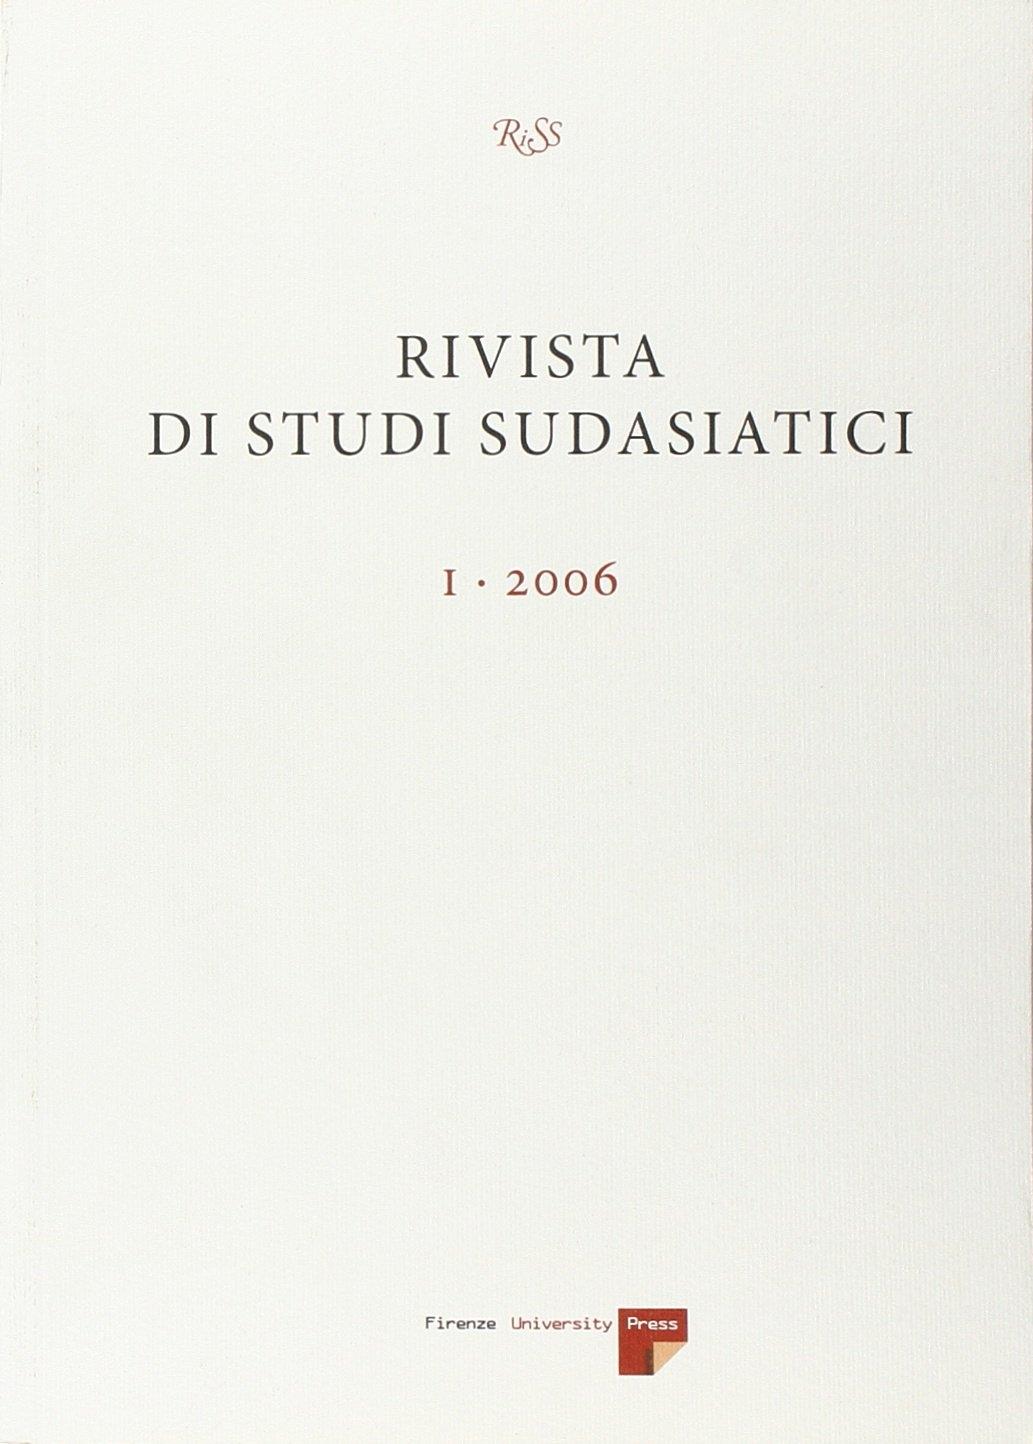 Rivista di studi sudasiatici (2006). Vol. 1